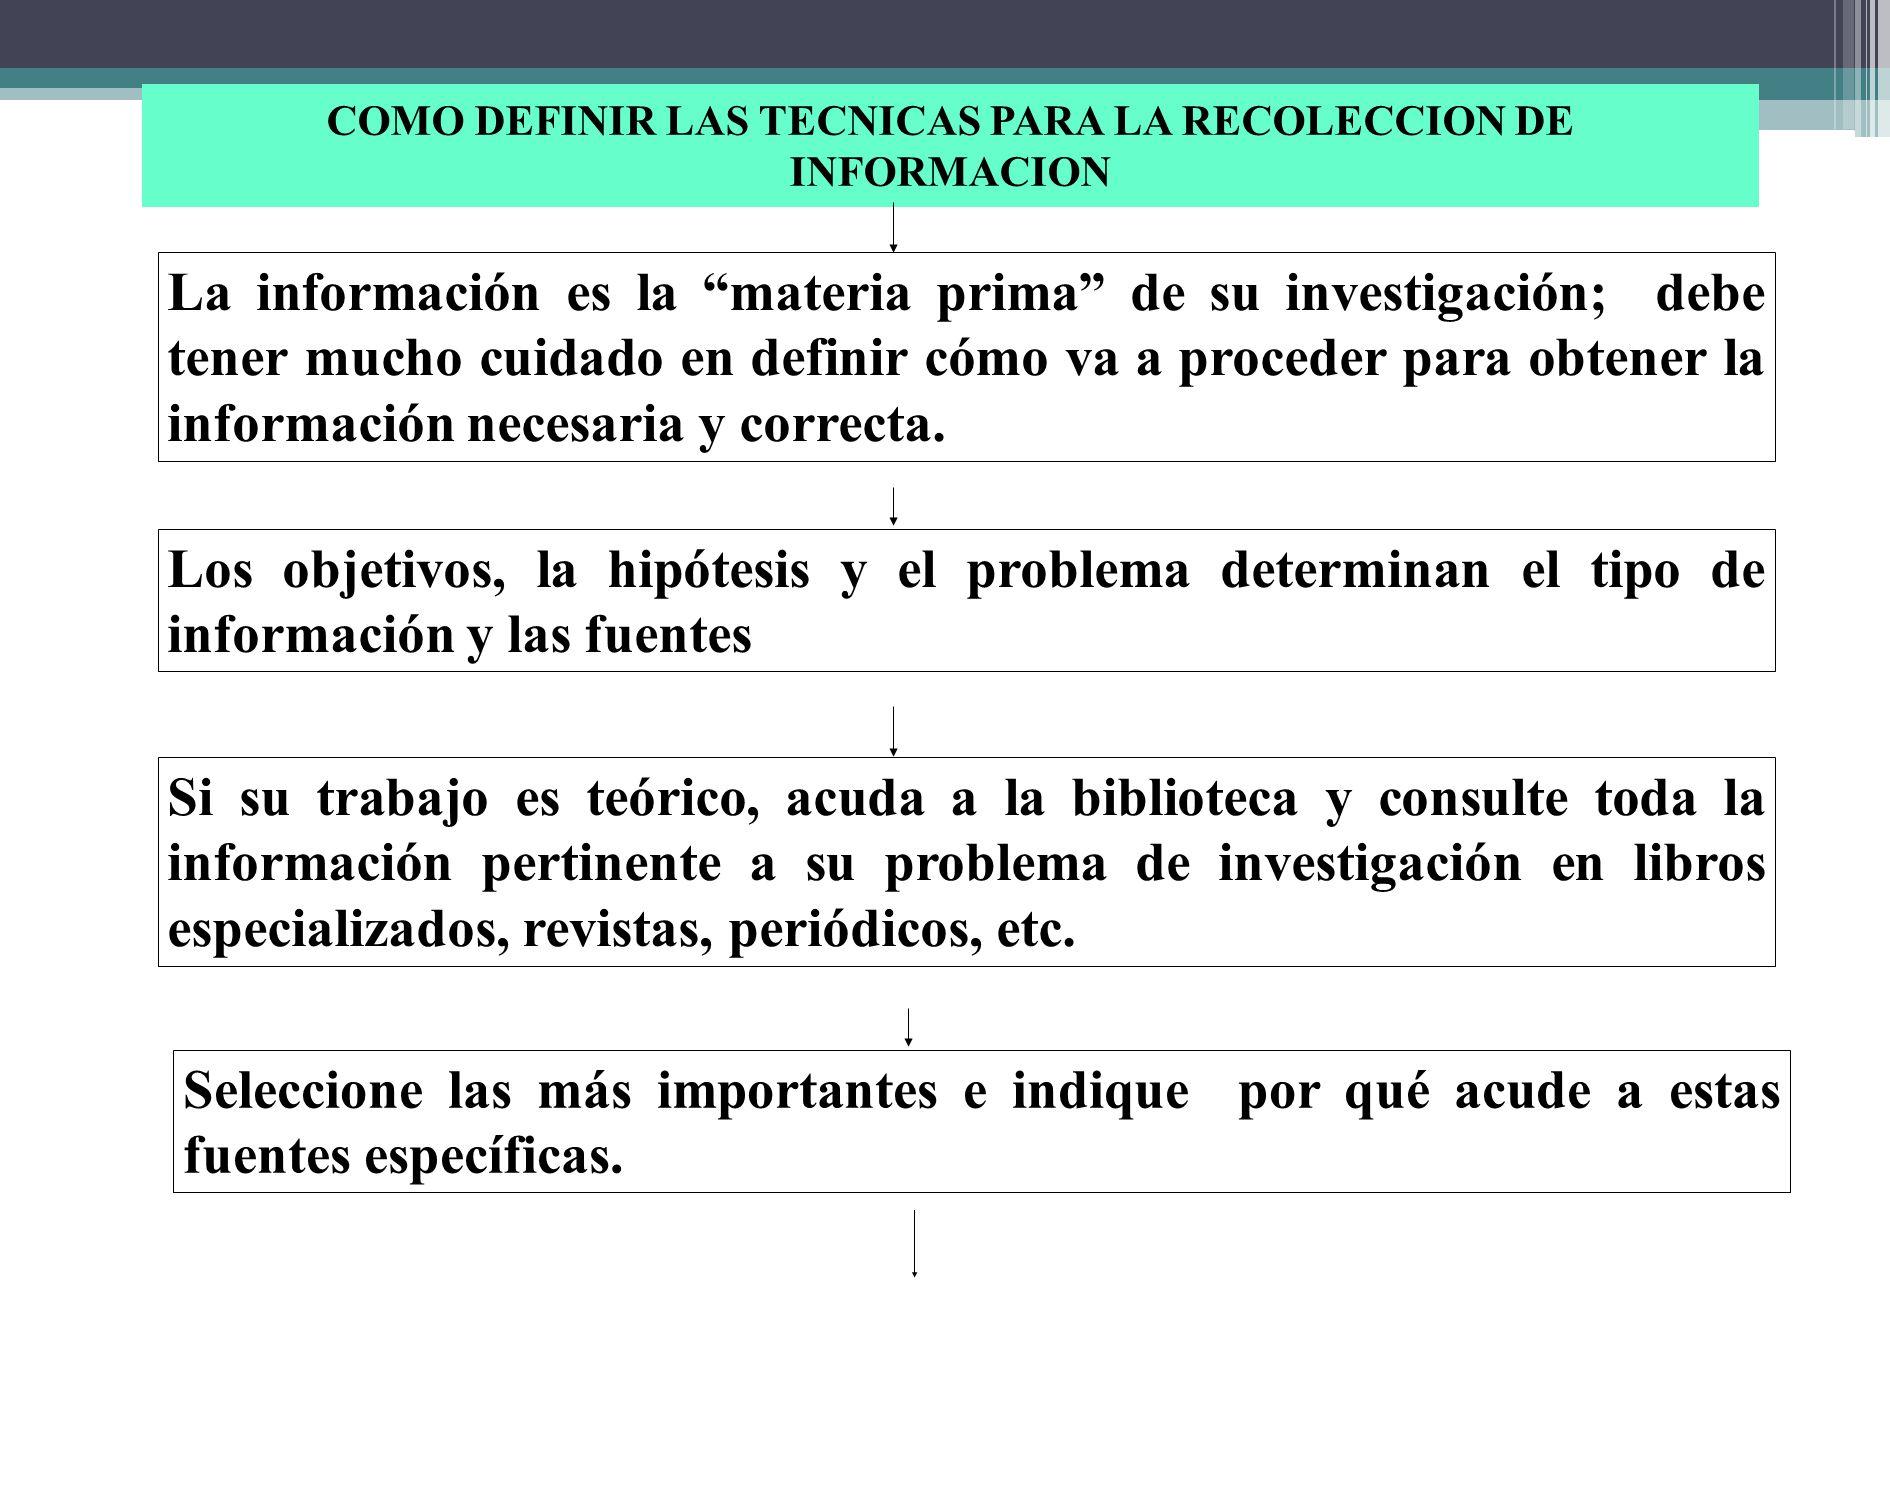 COMO DEFINIR LAS TECNICAS PARA LA RECOLECCION DE INFORMACION